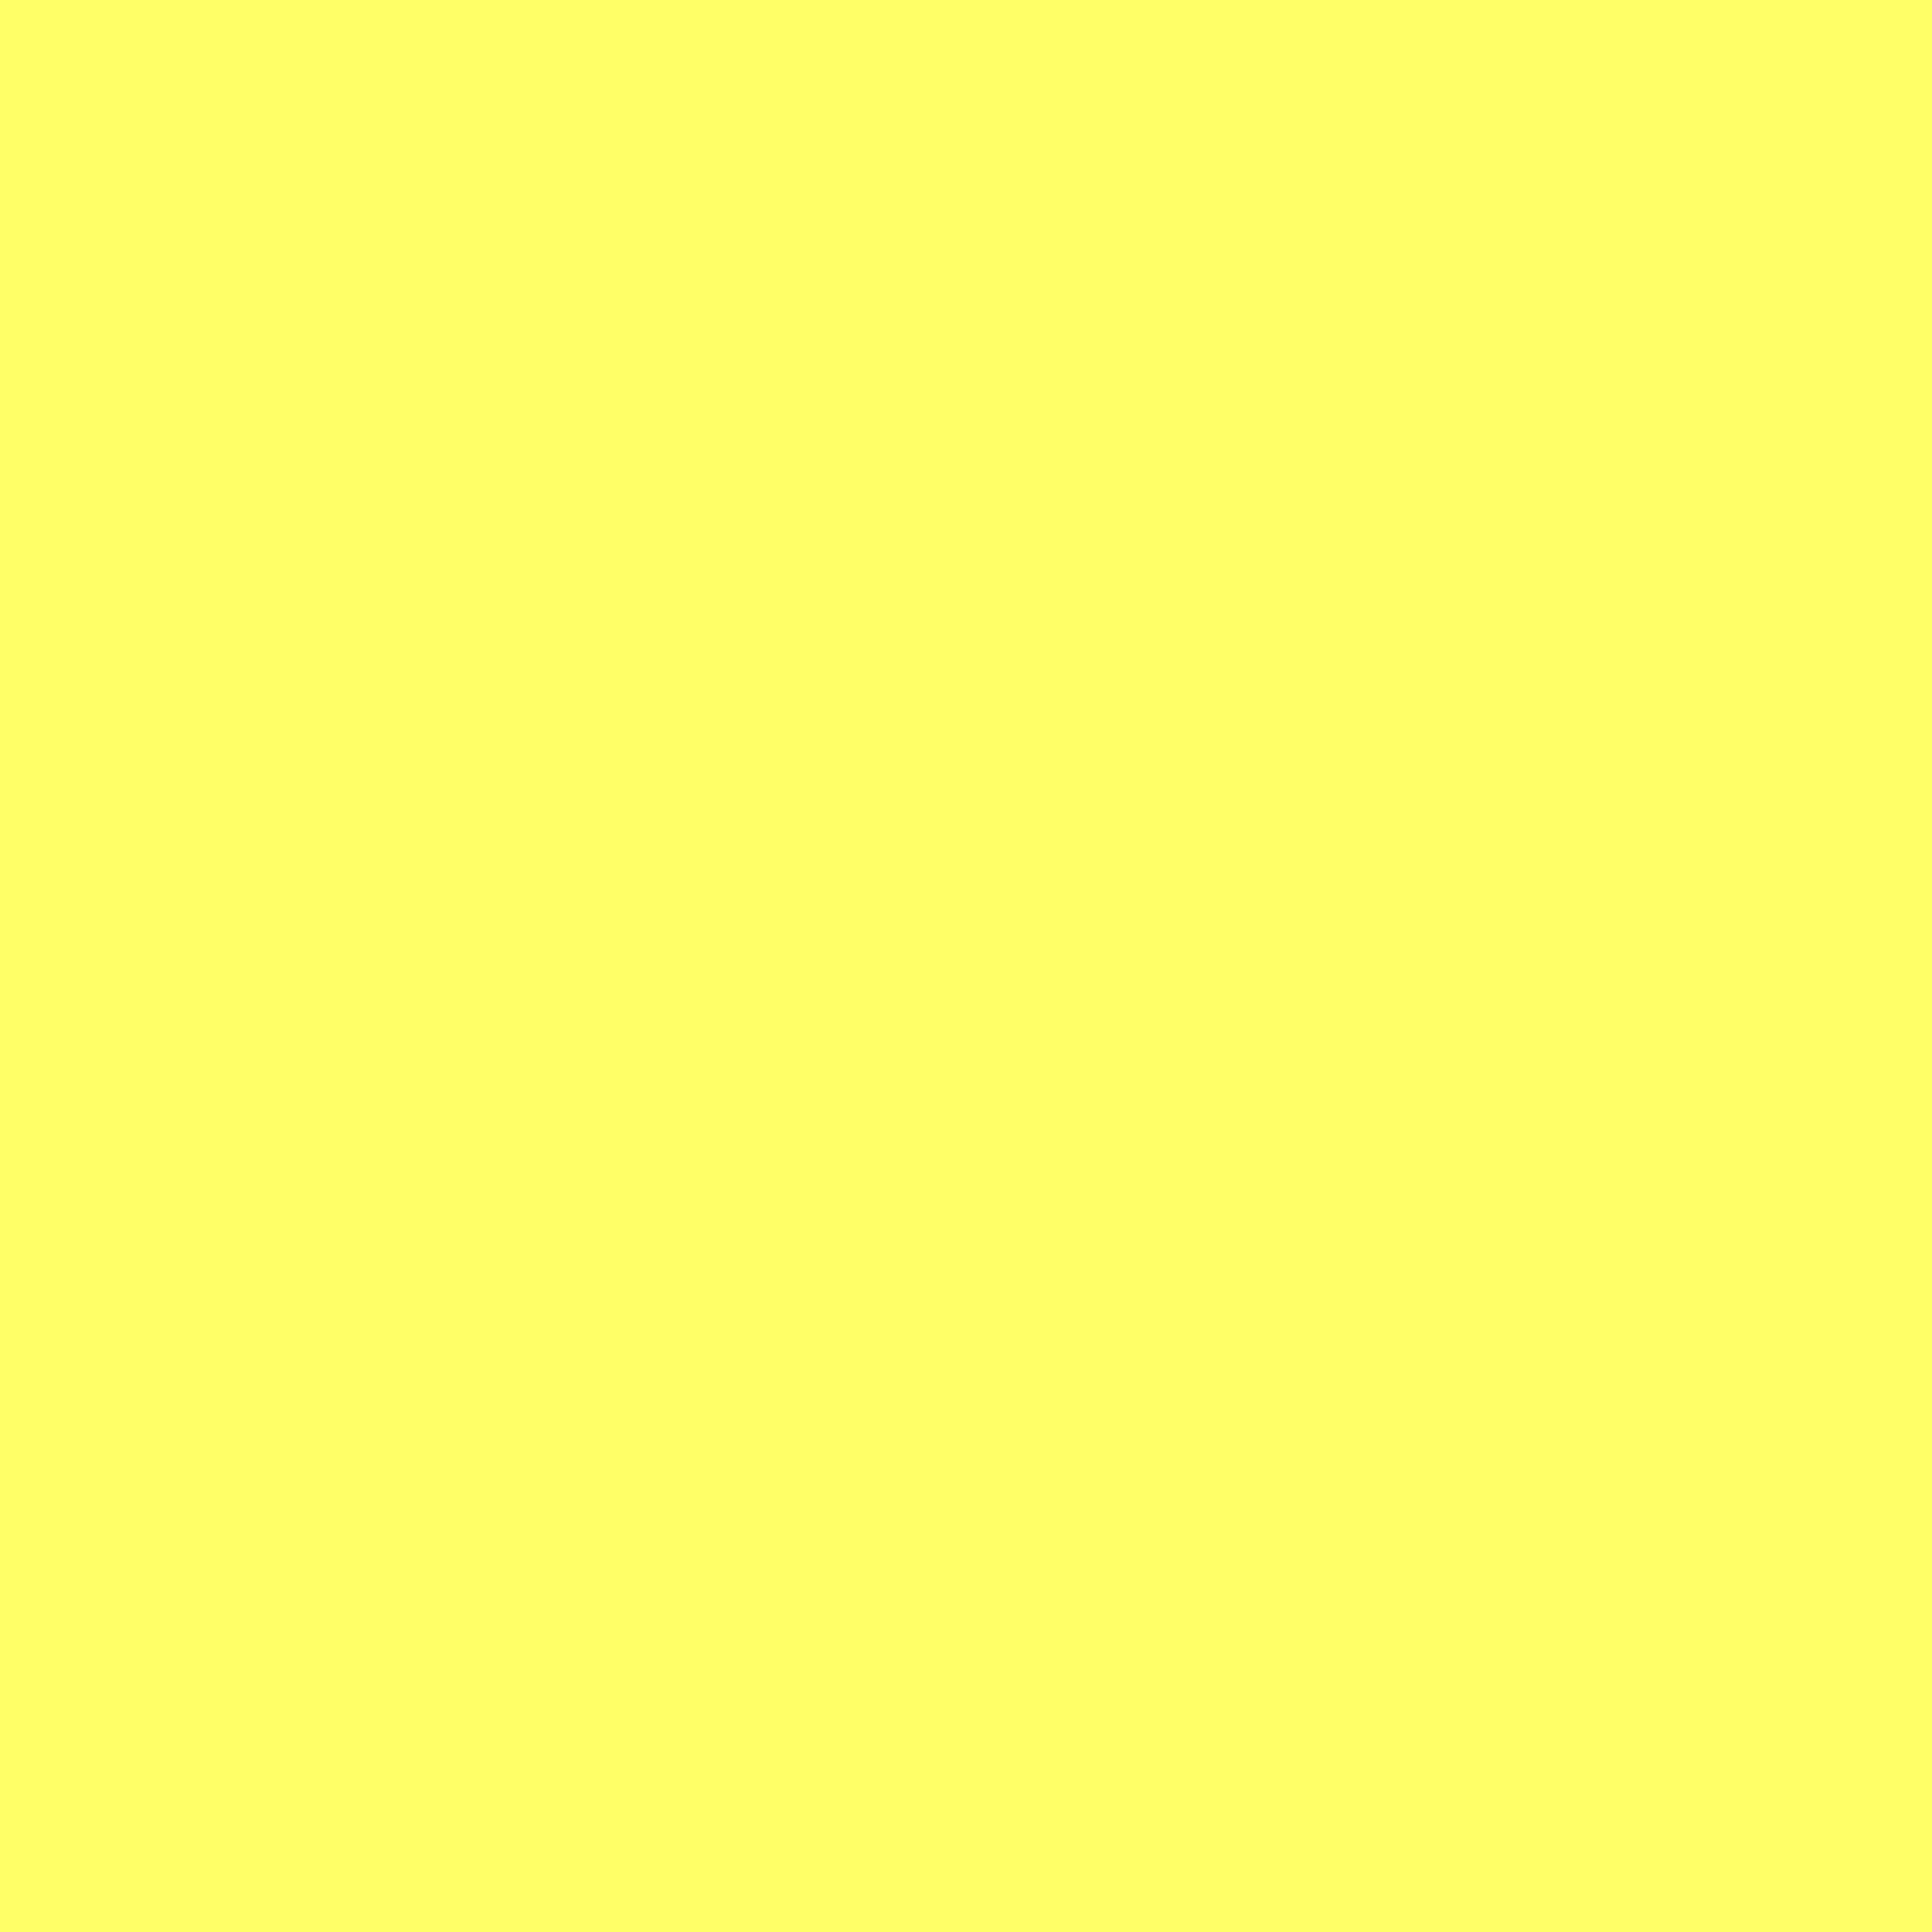 2048x2048 Laser Lemon Solid Color Background